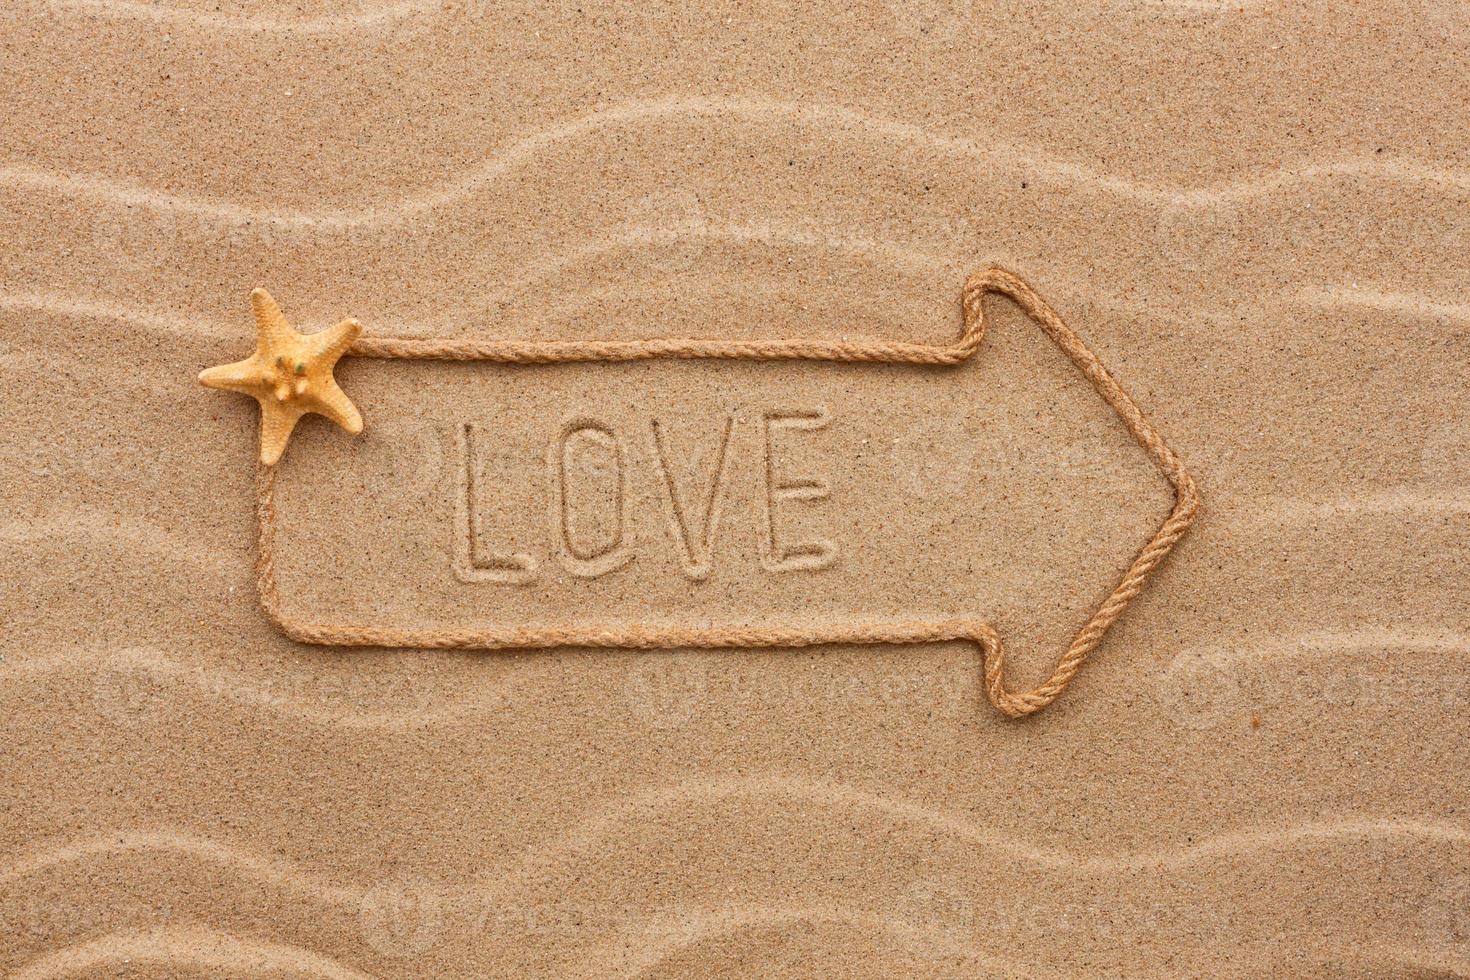 aanwijzer gemaakt van touw met een inscriptie liefde, met zeester foto